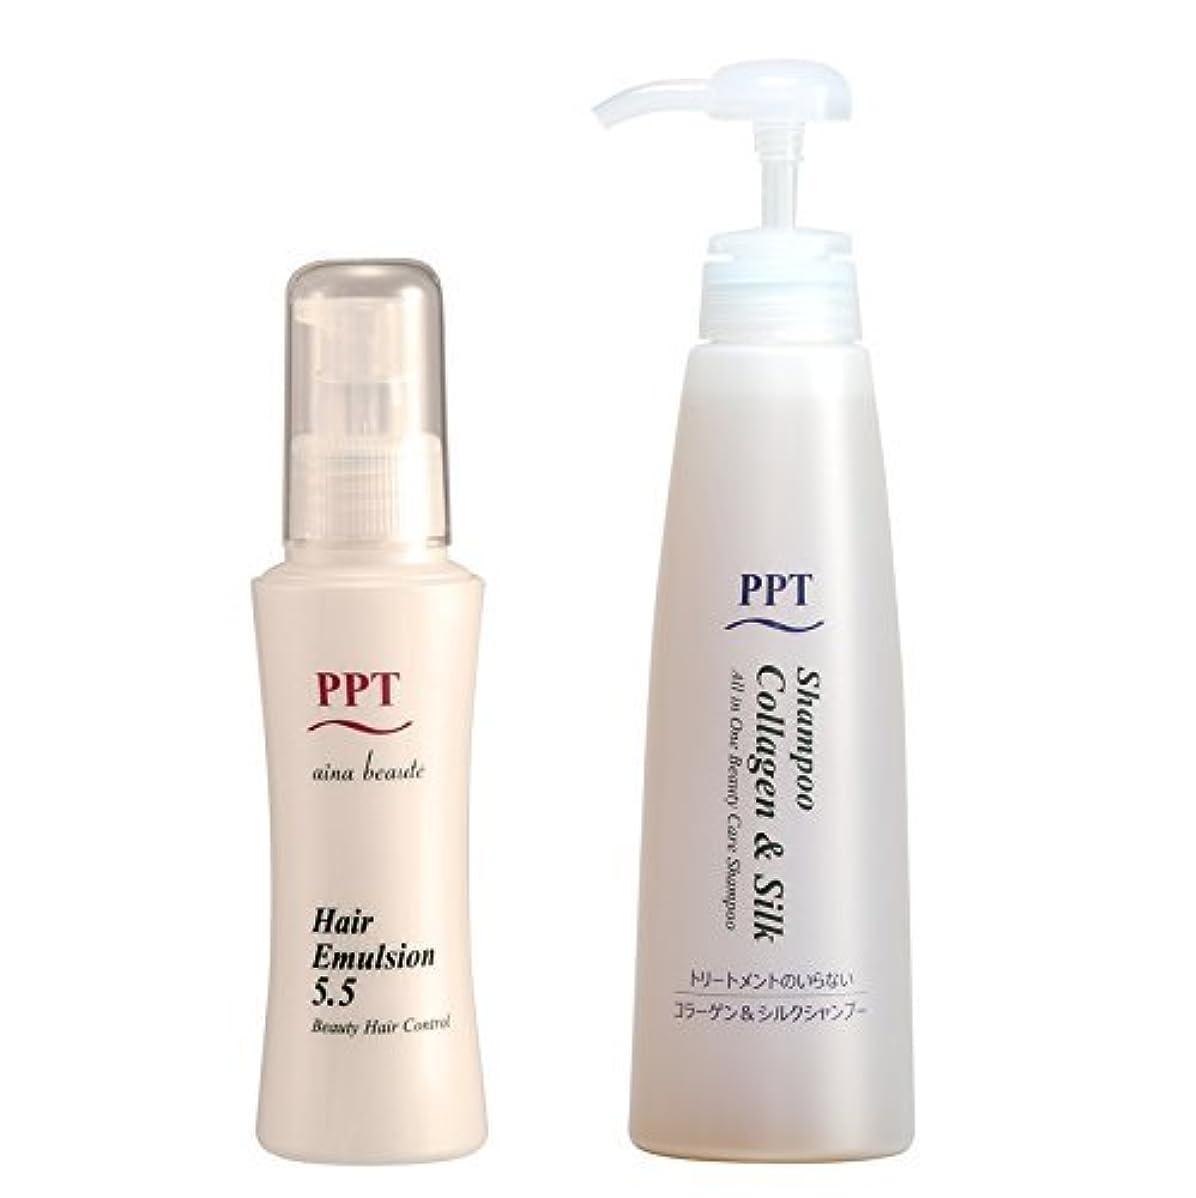 フロント乳製品原始的なトリートメント不要 PPTコラーゲン&シルクシャンプー脂性肌~普通肌用(ふんわり)、PPTヘアエマルジョン5.5セット